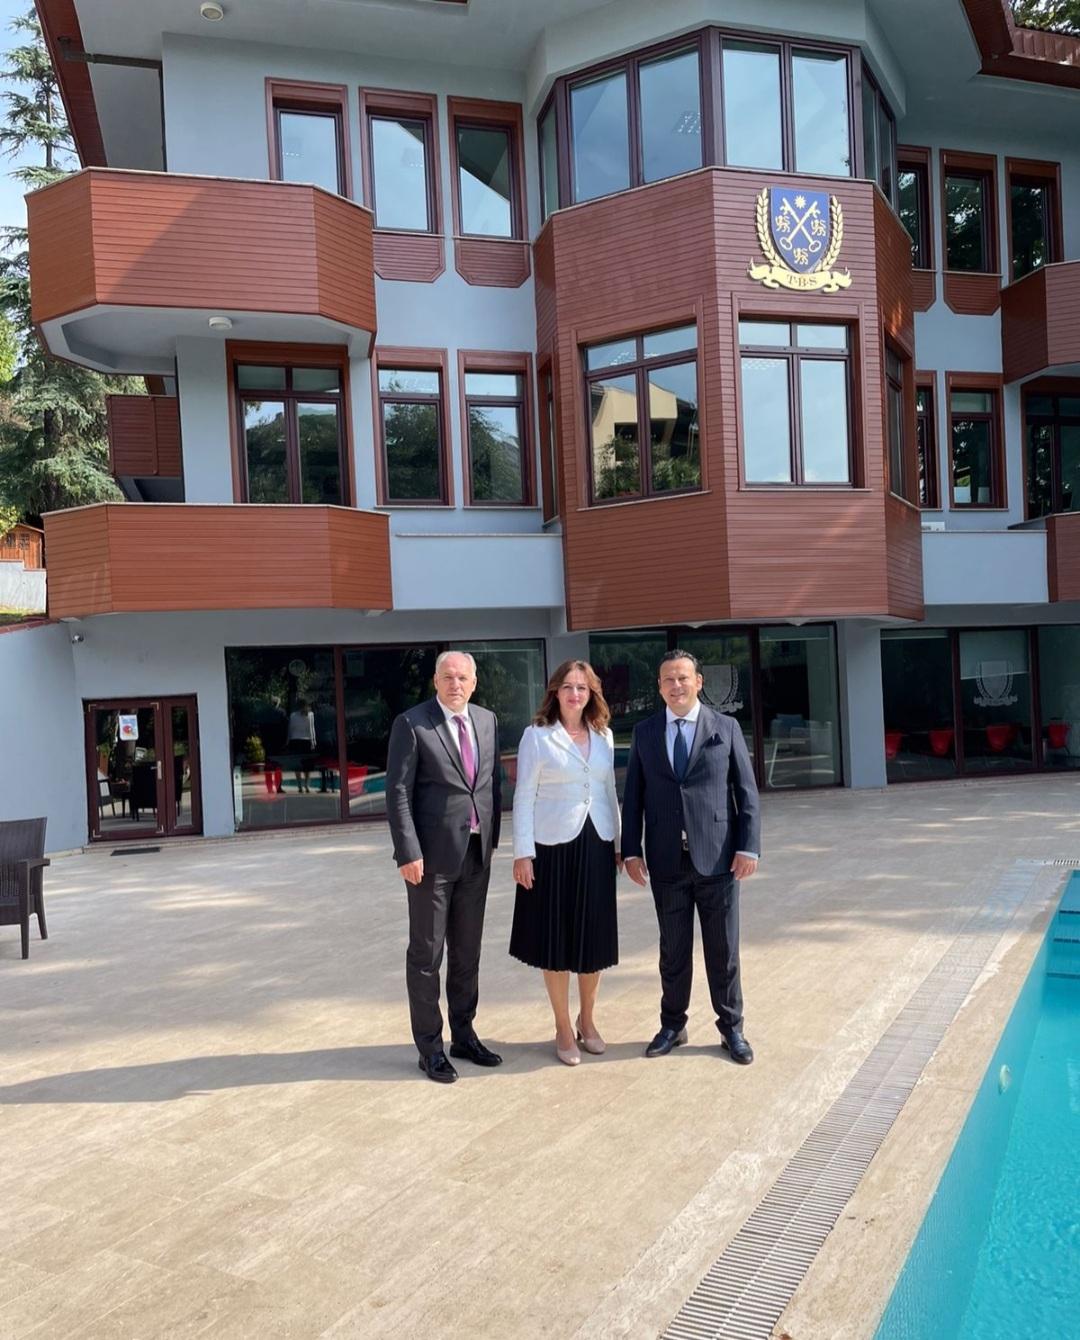 Başkan Damka, Eğitim Bakanı Nagavci ile Özel Tarabya Horizon Kurumlarını Ziyaret Etti